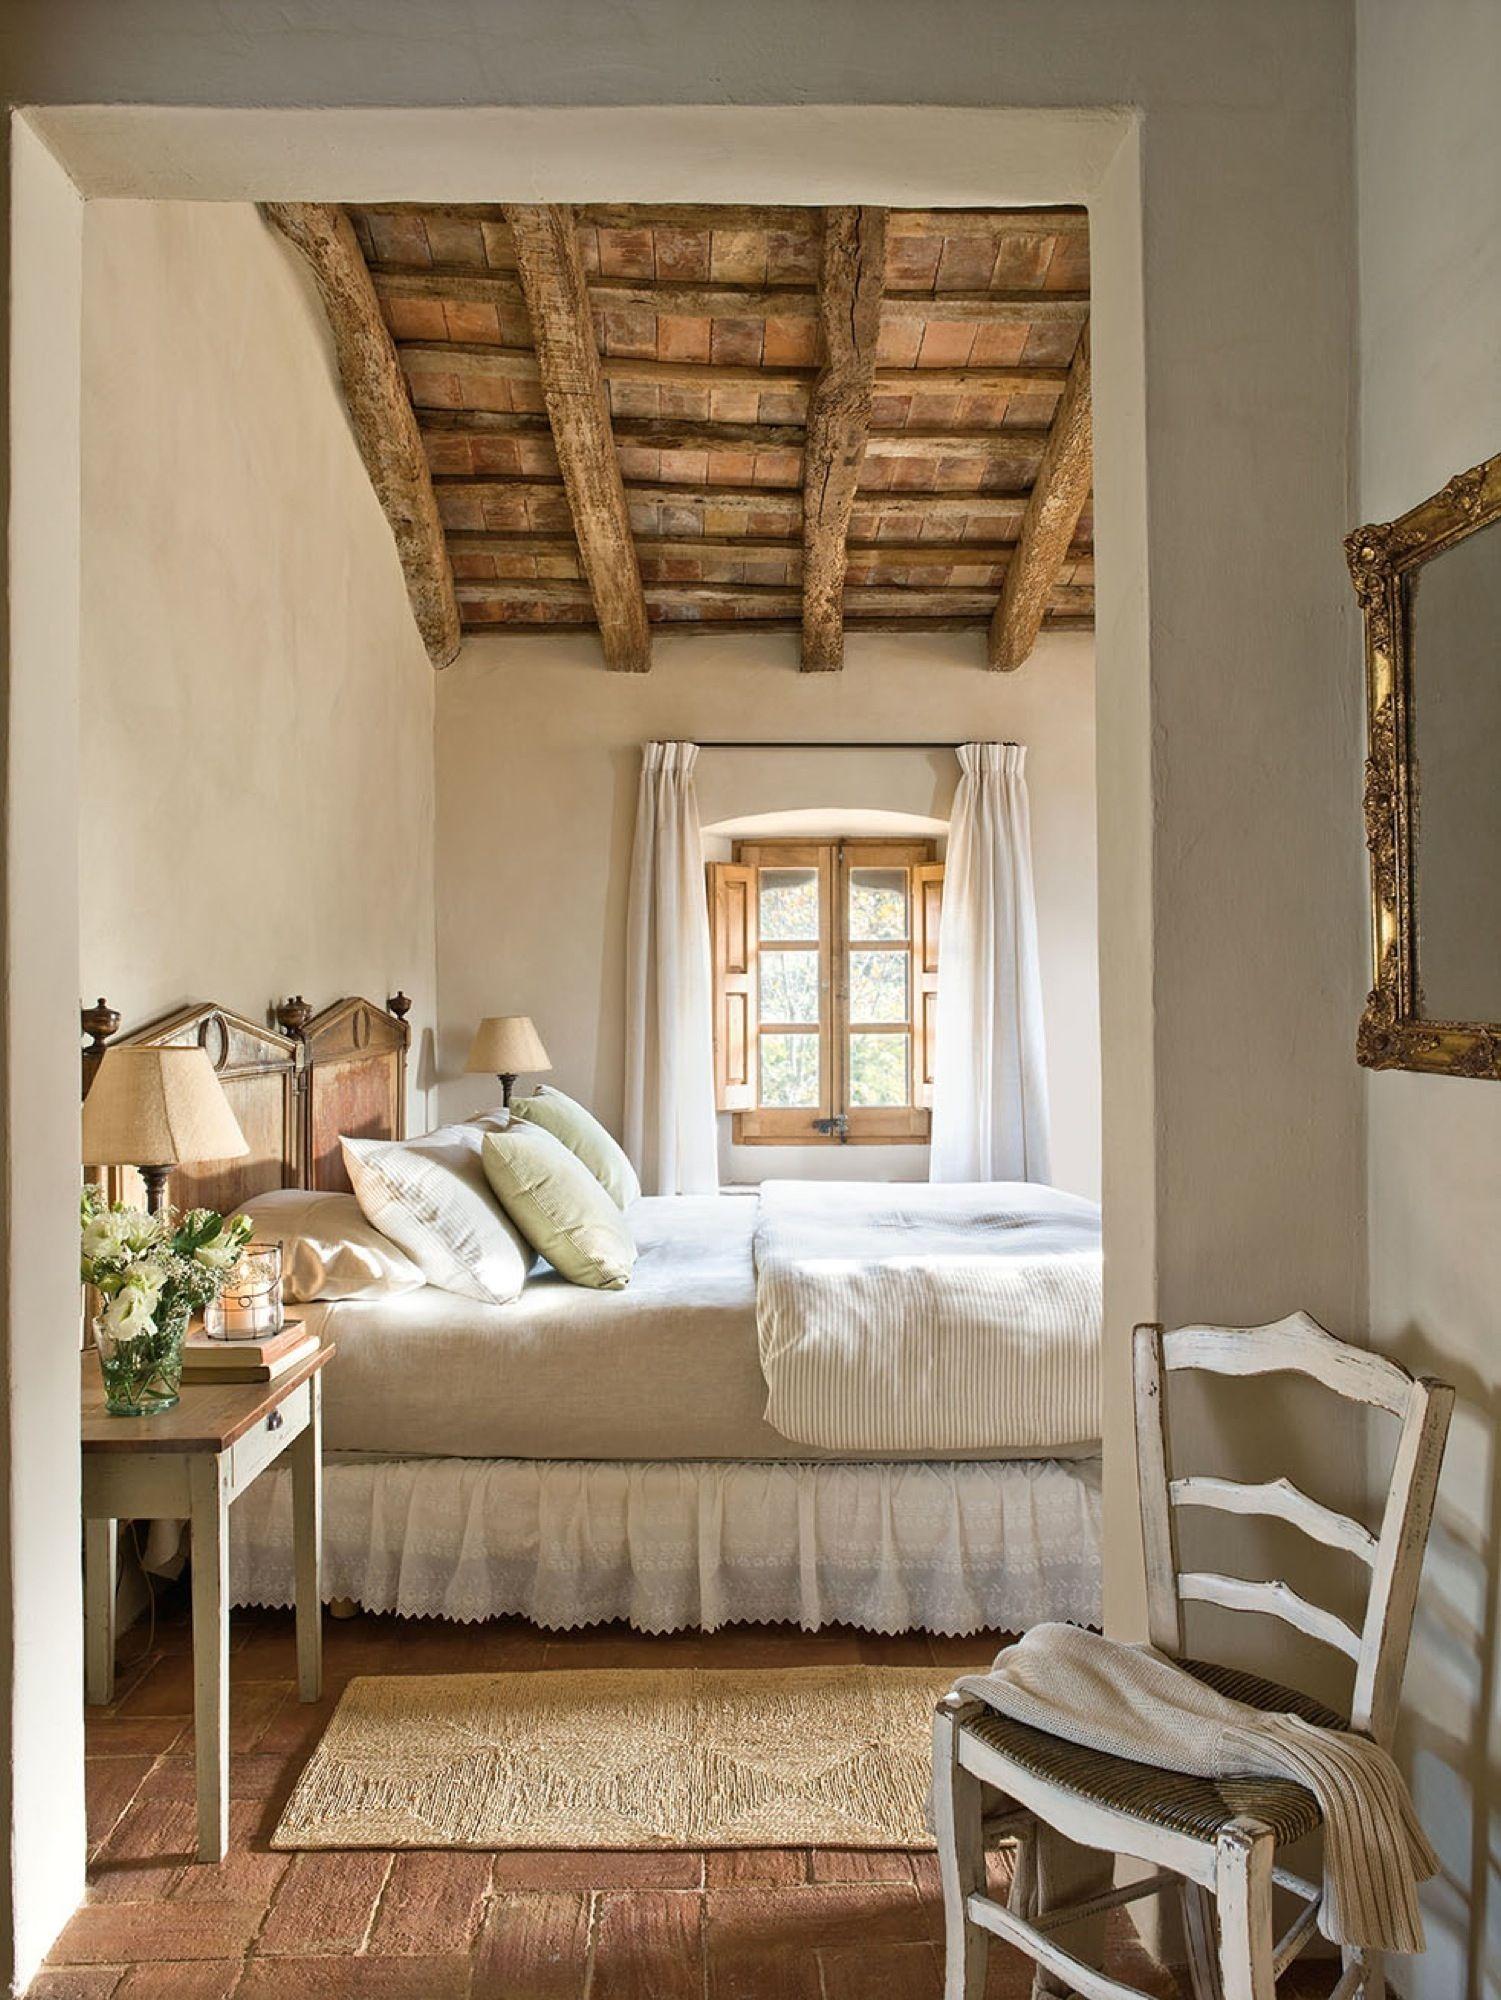 Aires del siglo pasado | Dormitorios rústicos, Rústico y Dormitorio